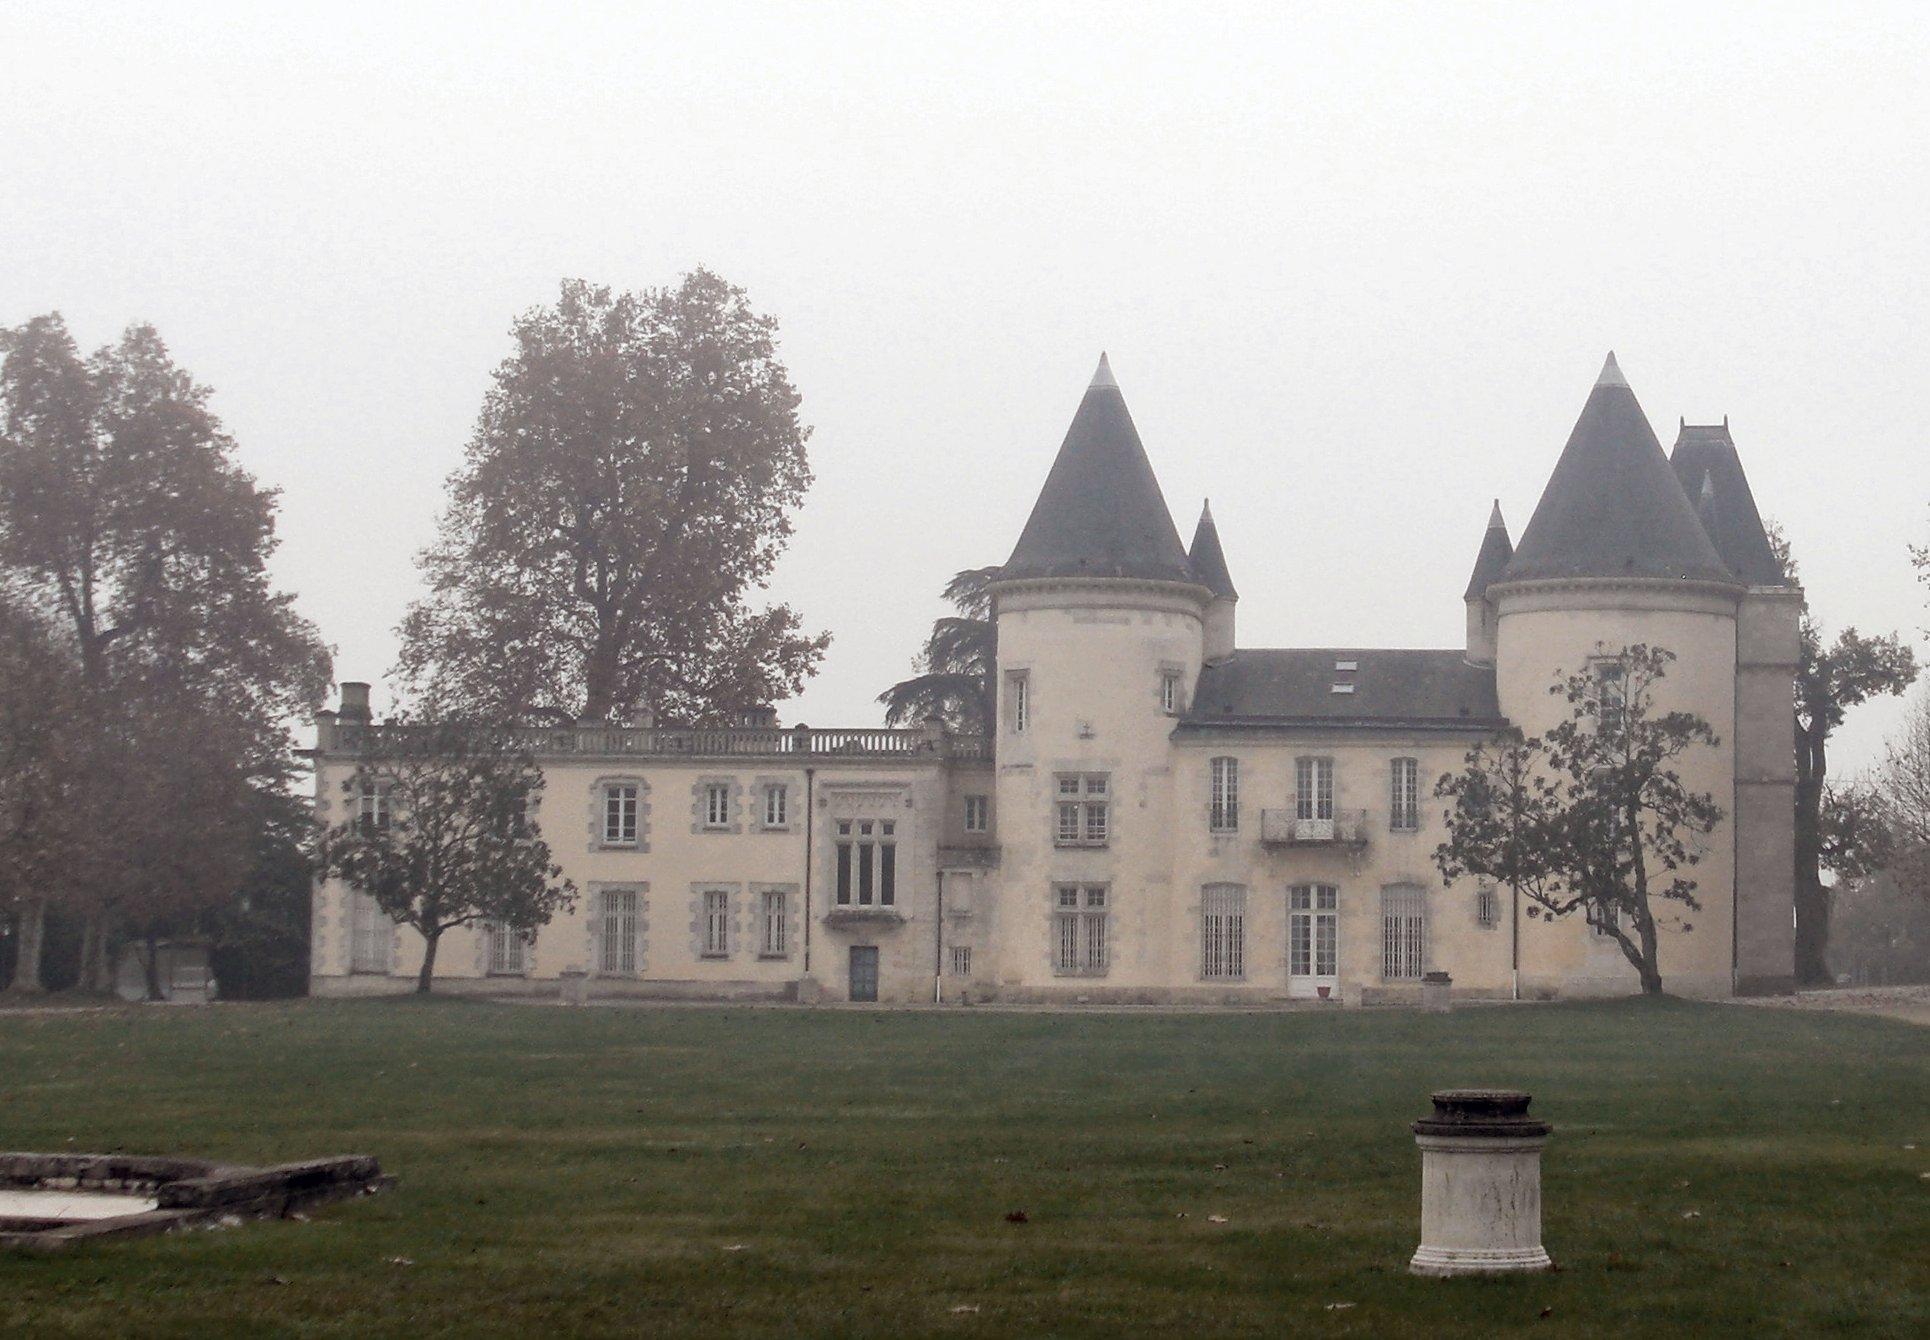 File:Chateau Thouars Talence (France, 33).jpg